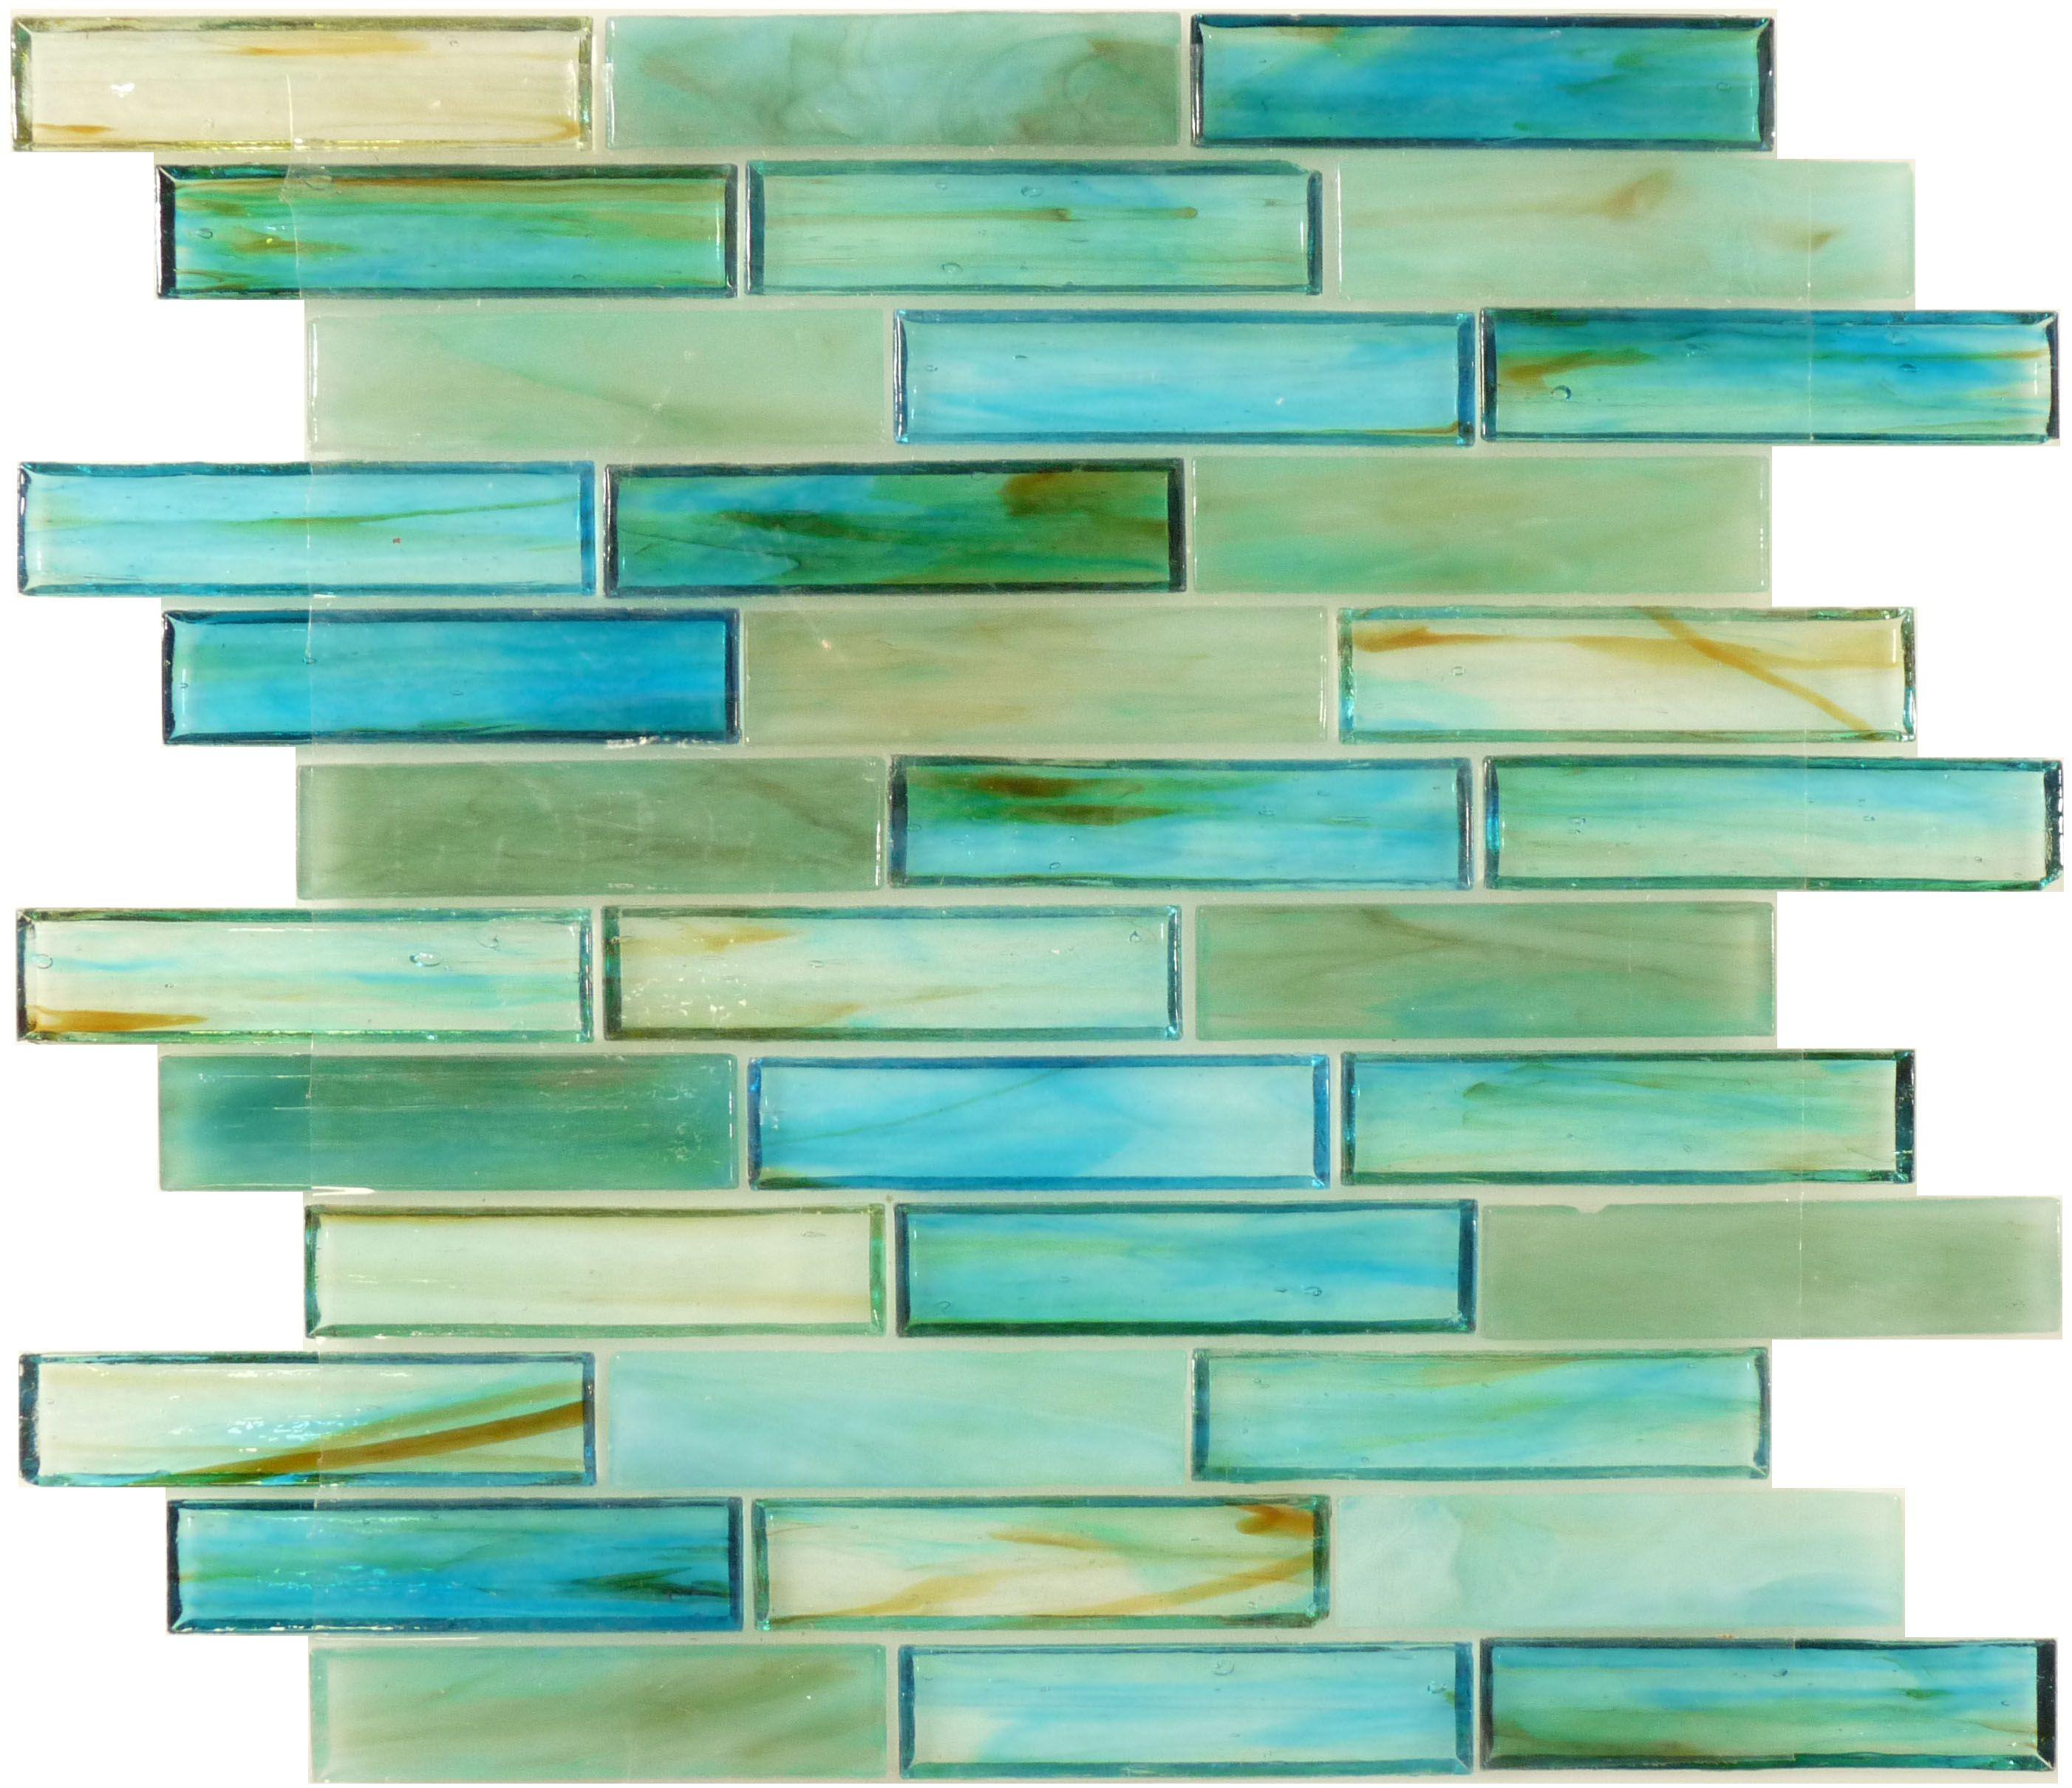 - Botanical Glass Sea Glass Tiles, 1